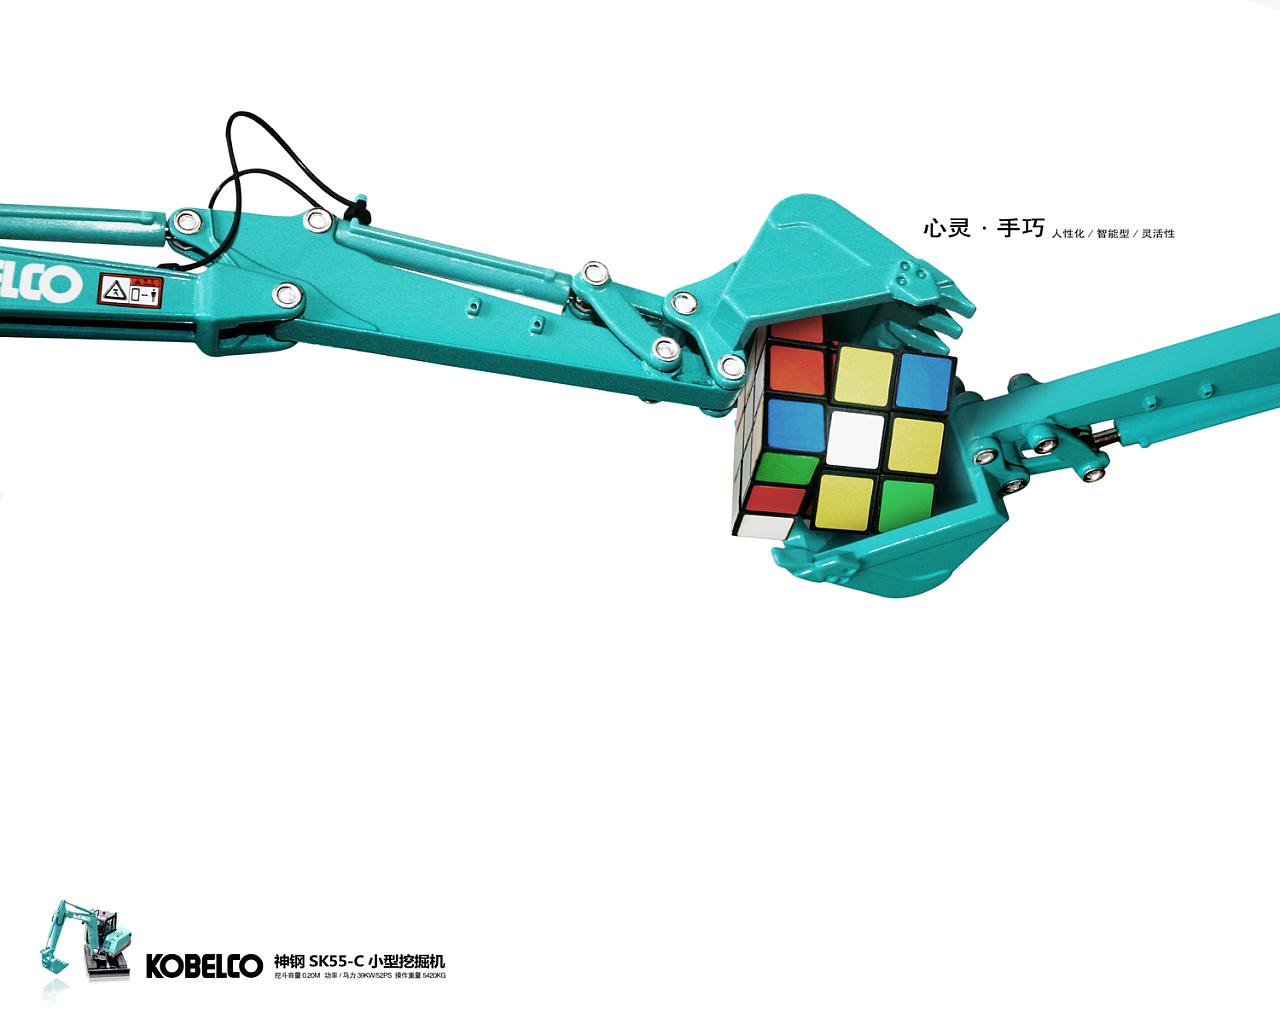 [伍拾广告]2010年中广节金奖作品 神钢小型挖掘机 创意稿